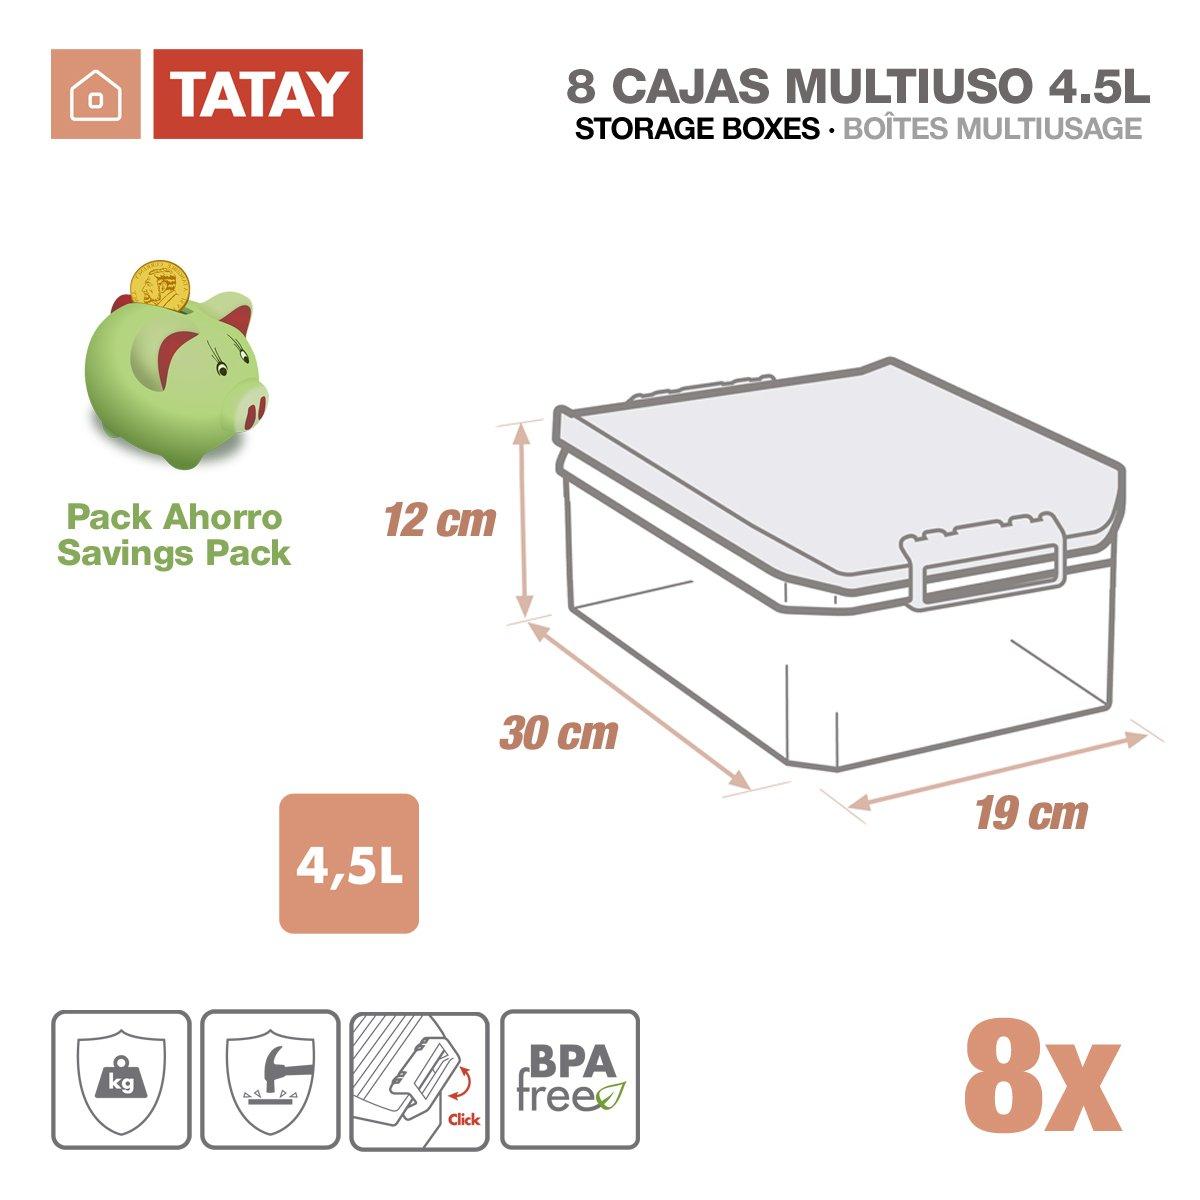 TATAY 1150222 - Lote de 8 Cajas Multiusos de 4.5 Litros por Unidad. Medidas 19 x 30 x 12.5 cm, Color Gris: Amazon.es: Hogar